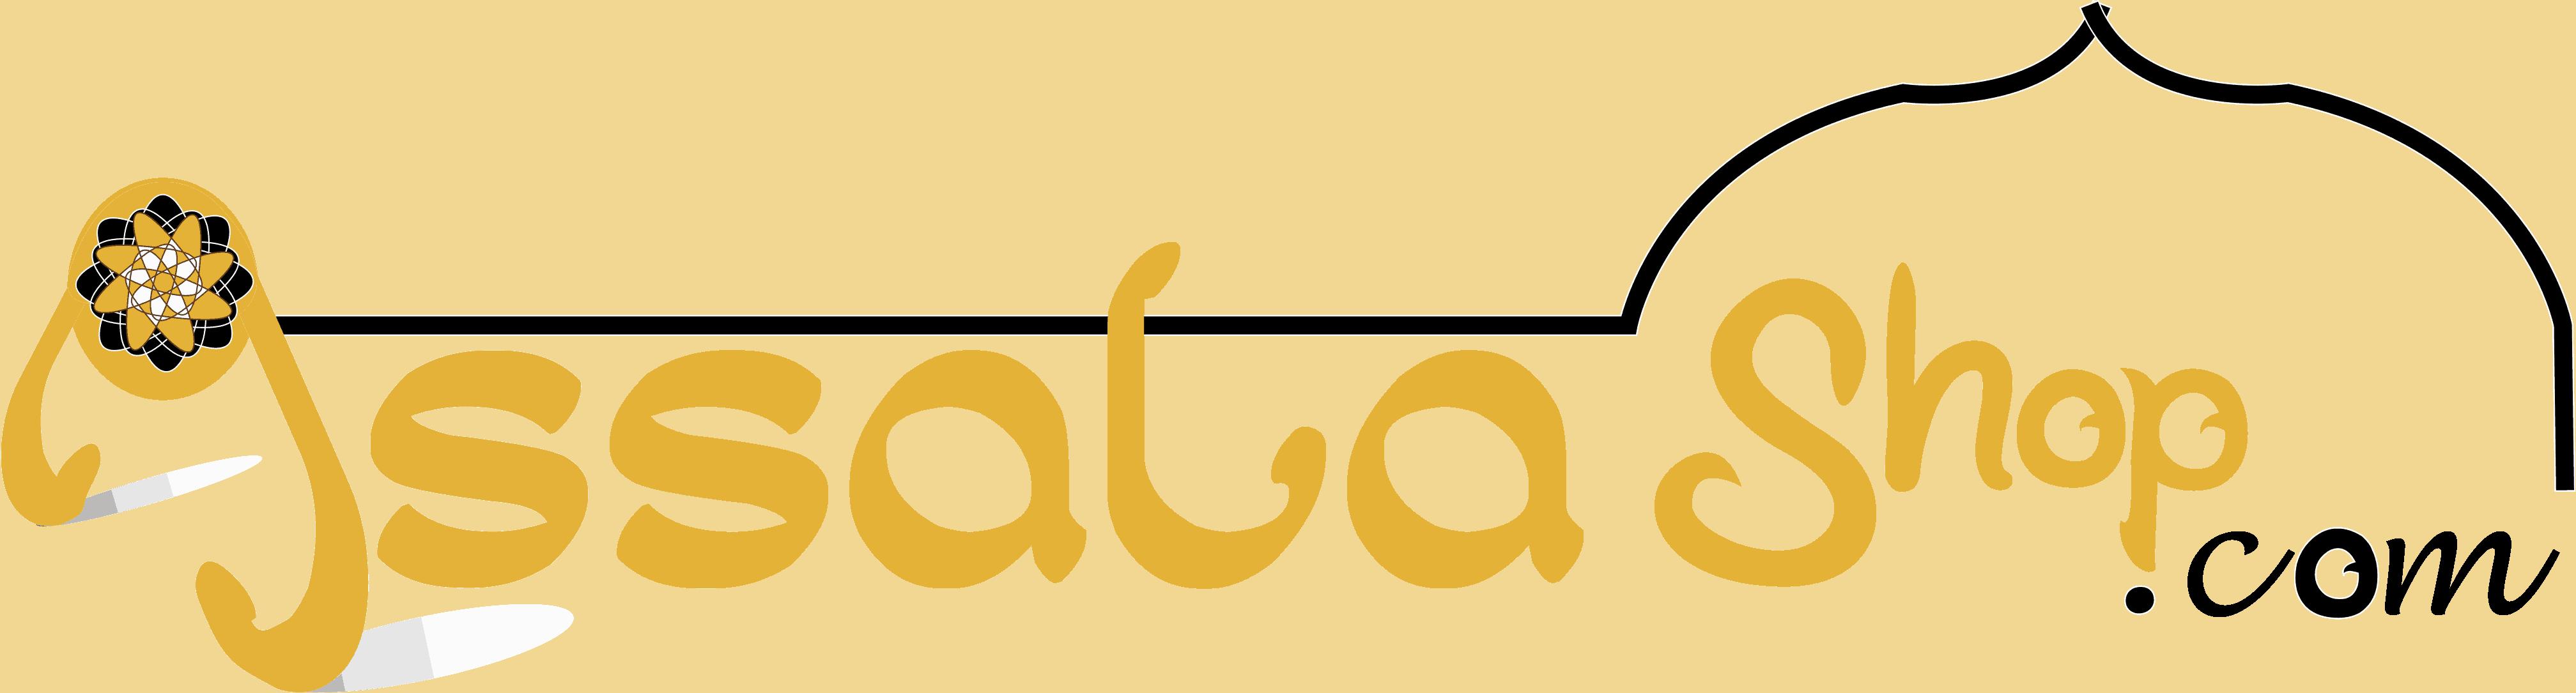 Assalashop